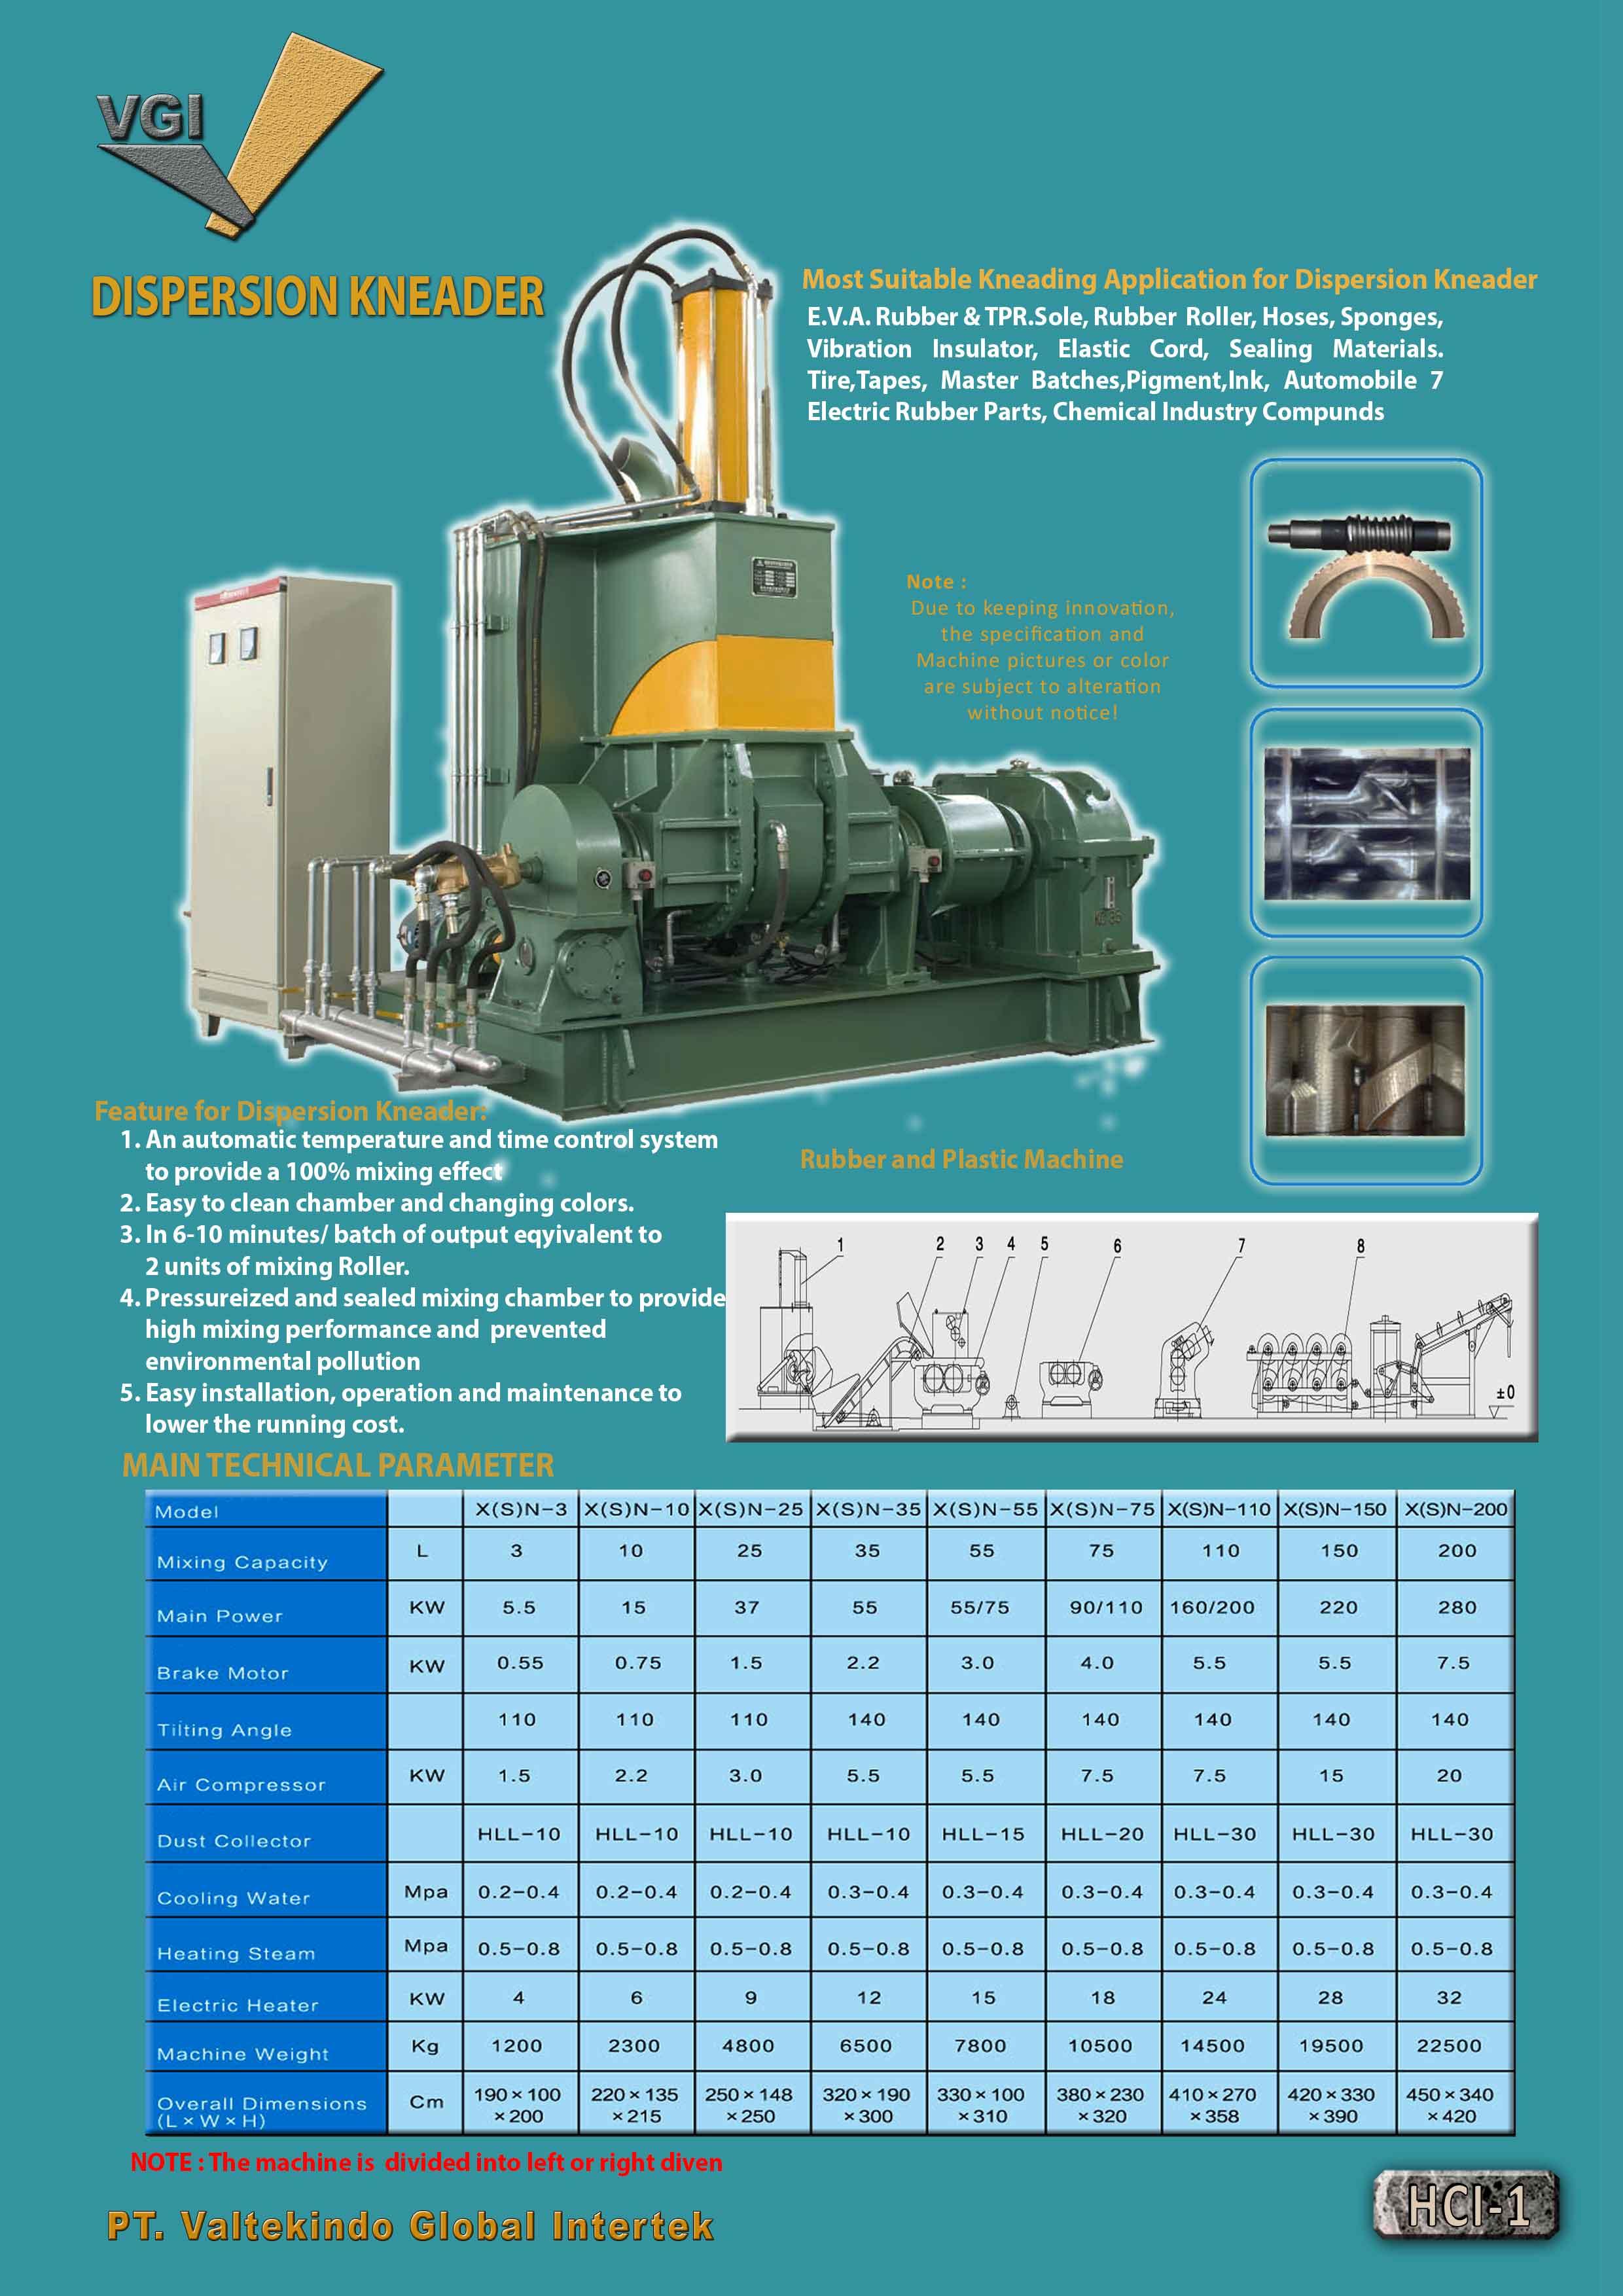 jual mesin, harga mesin, distributor mesin, jual mesin karet, daur ulang plastik DISPERSION KNEADER DISPERSION KNEADER